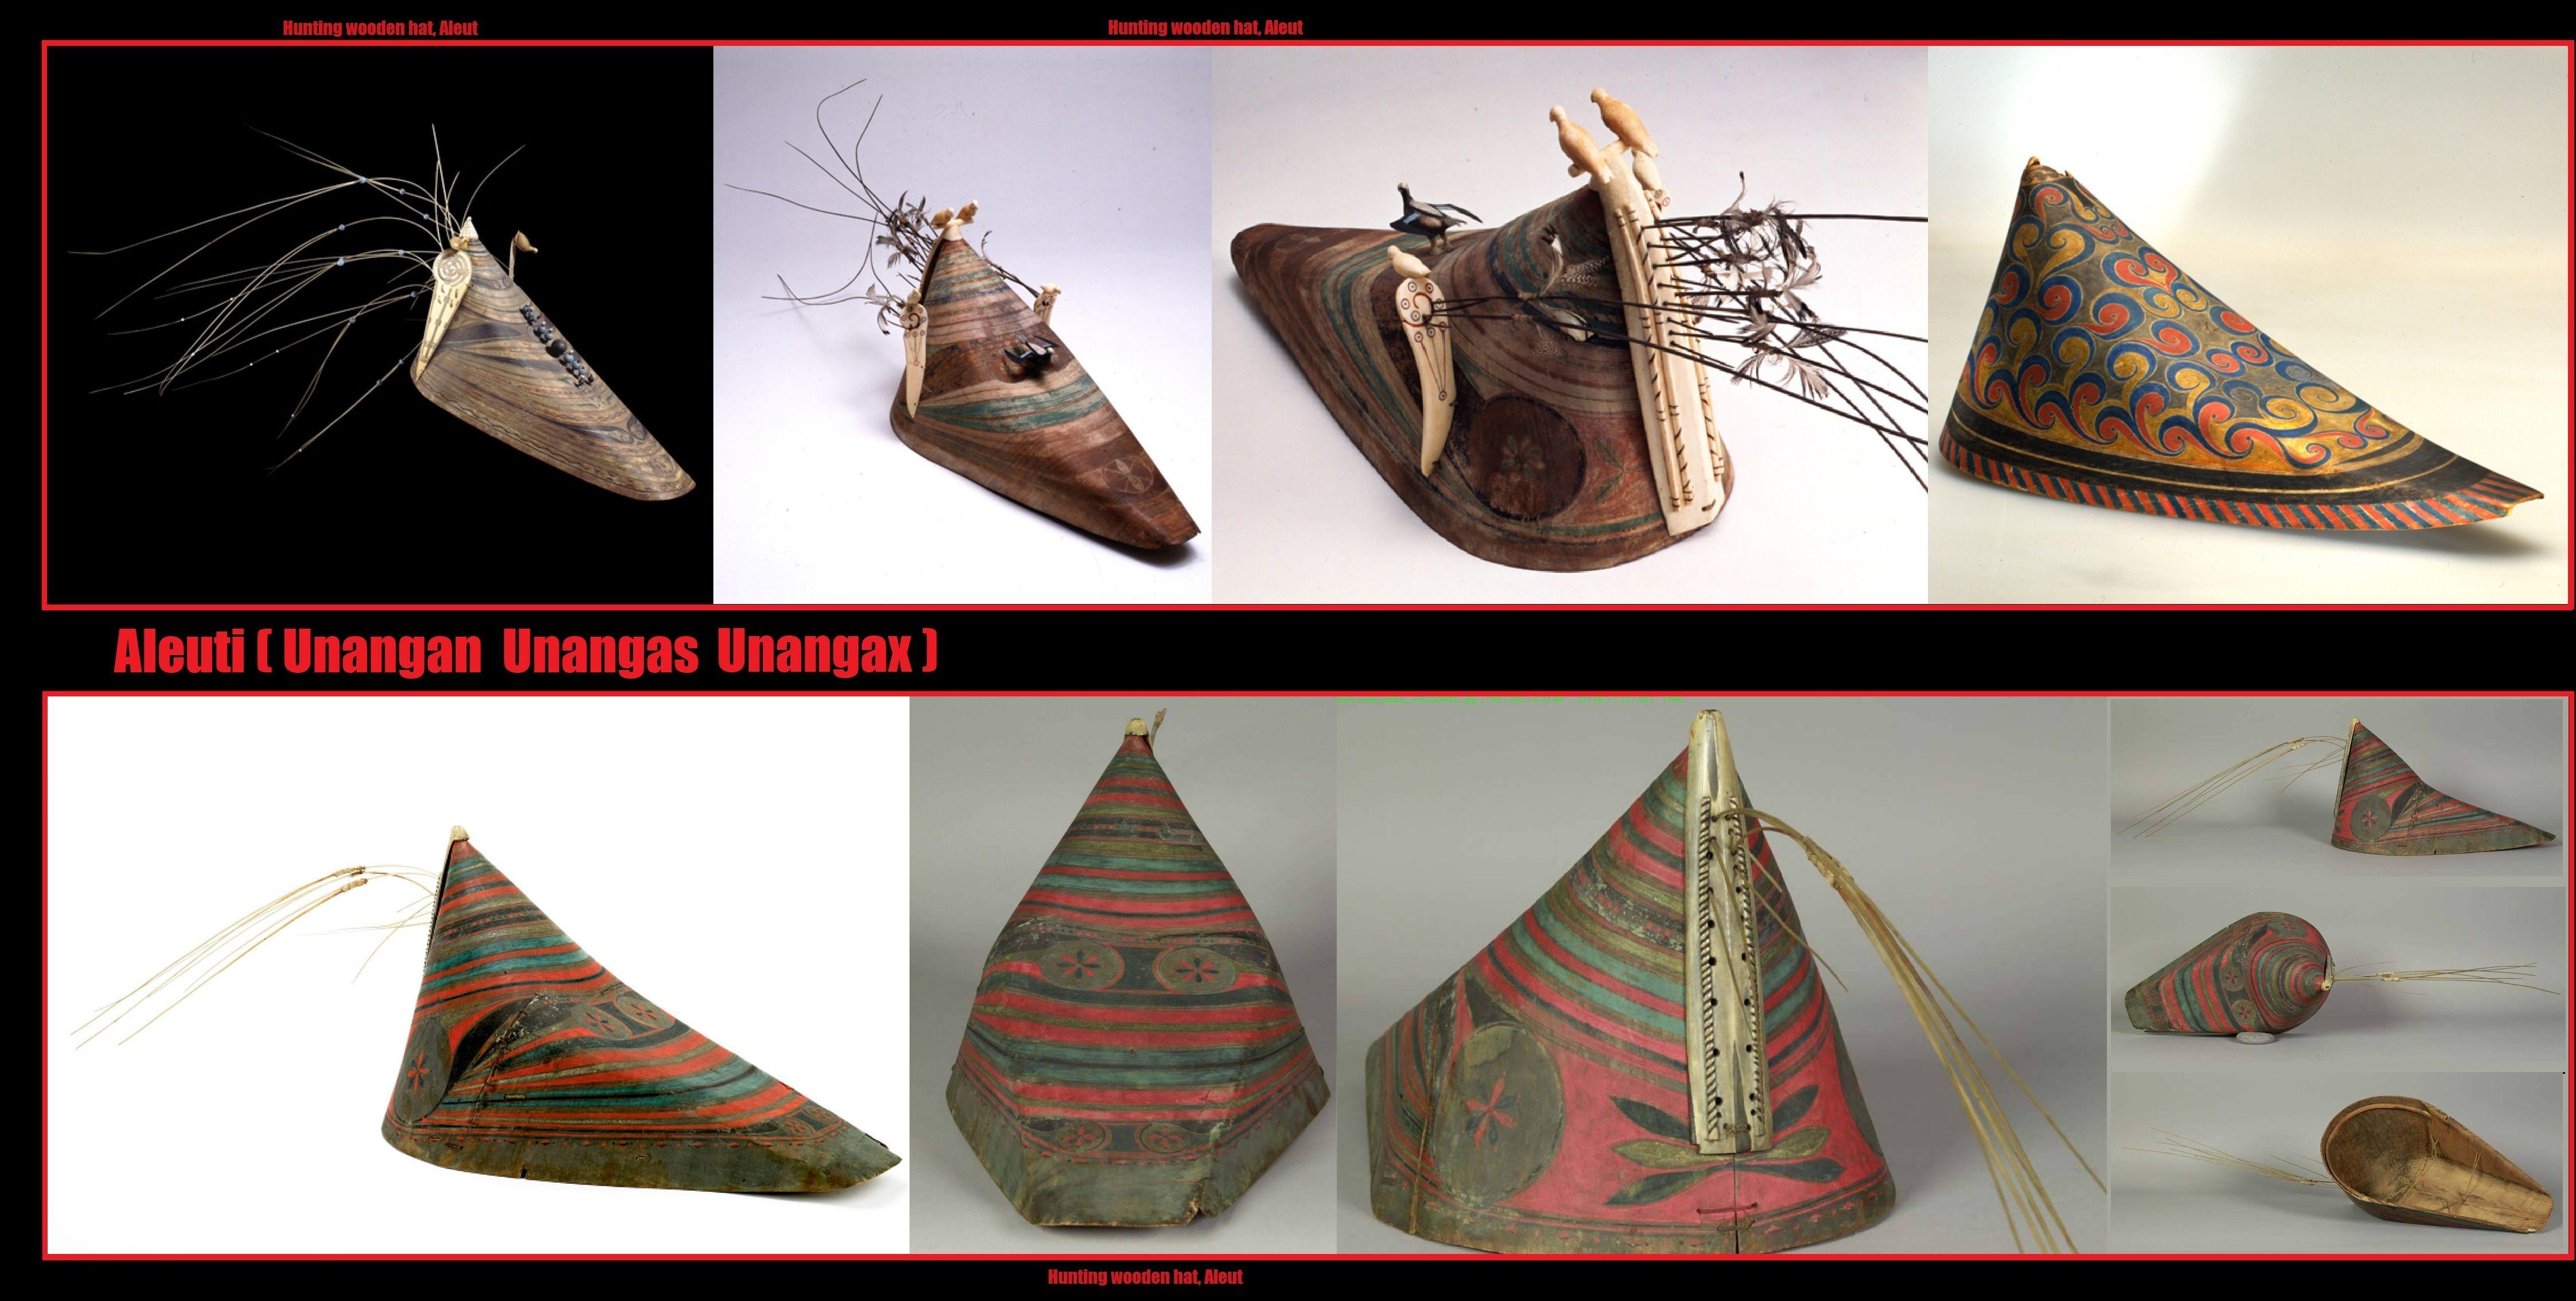 Cappelli Con Visiera Erano Fatti Con Un Sottile Foglio Di Legno Piegato Leoni Marini Tendina Decorazioni